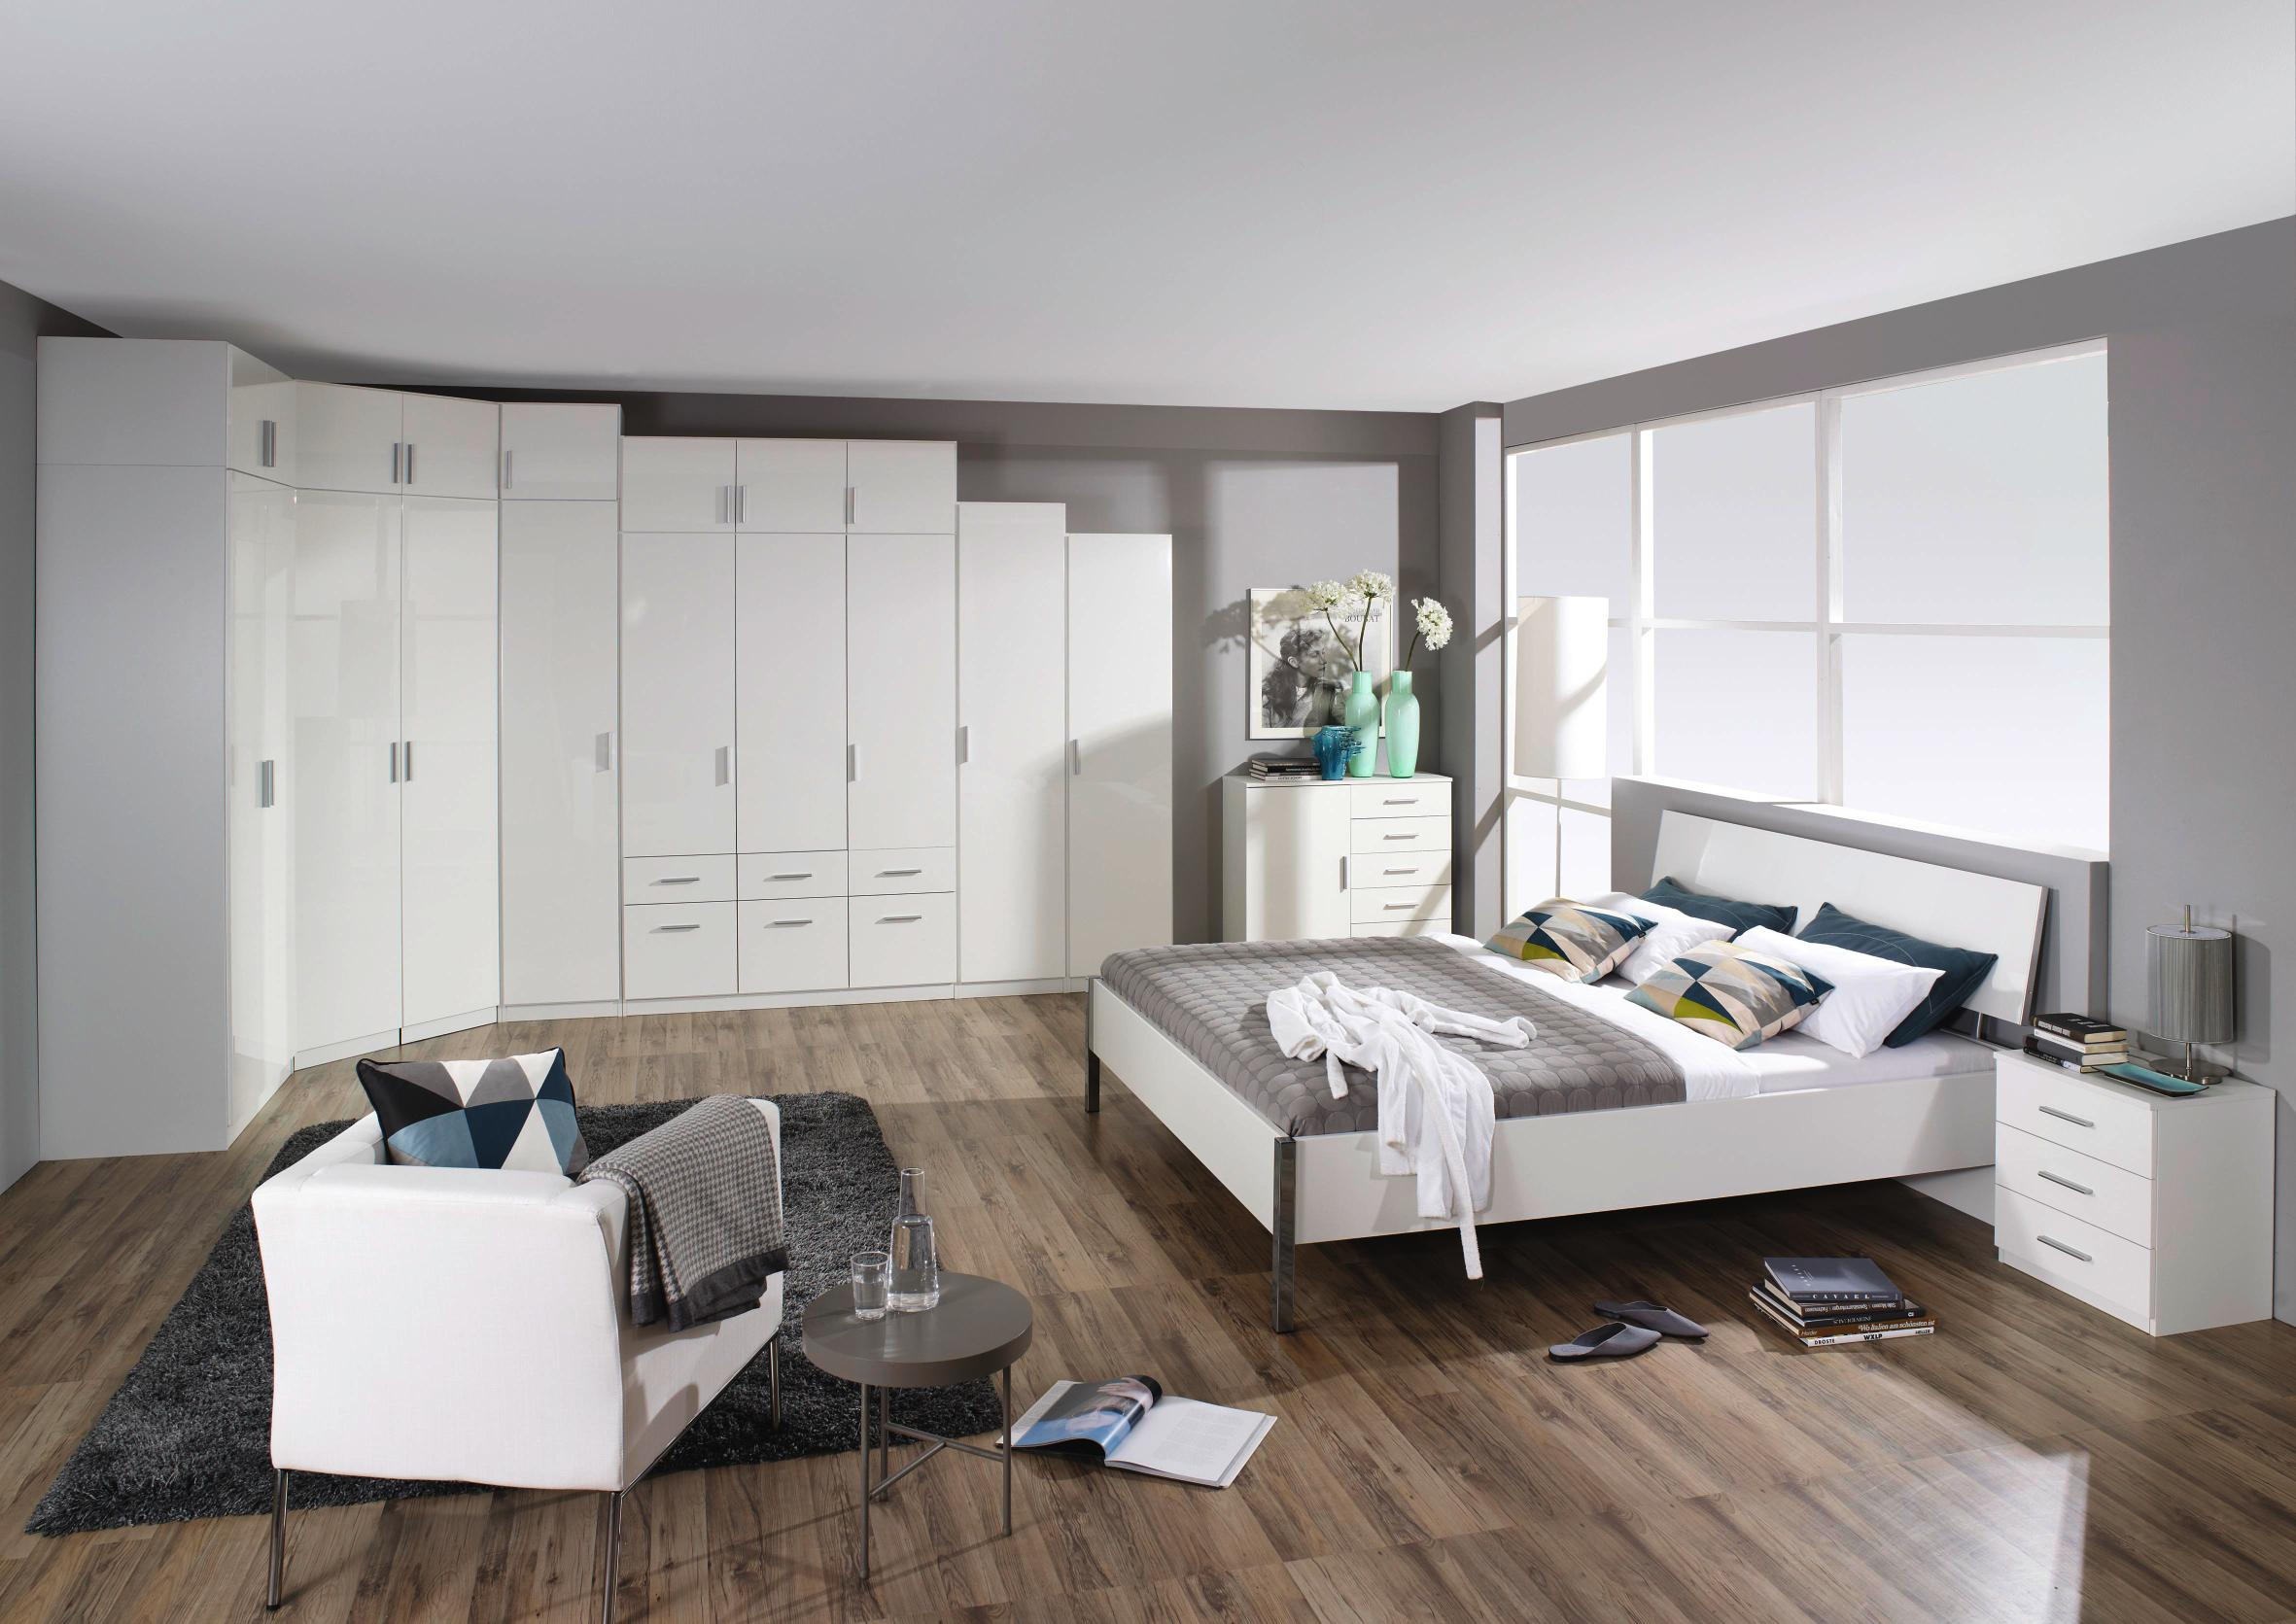 Hülsta Schlafzimmer Schrank Weiß – MiDiR